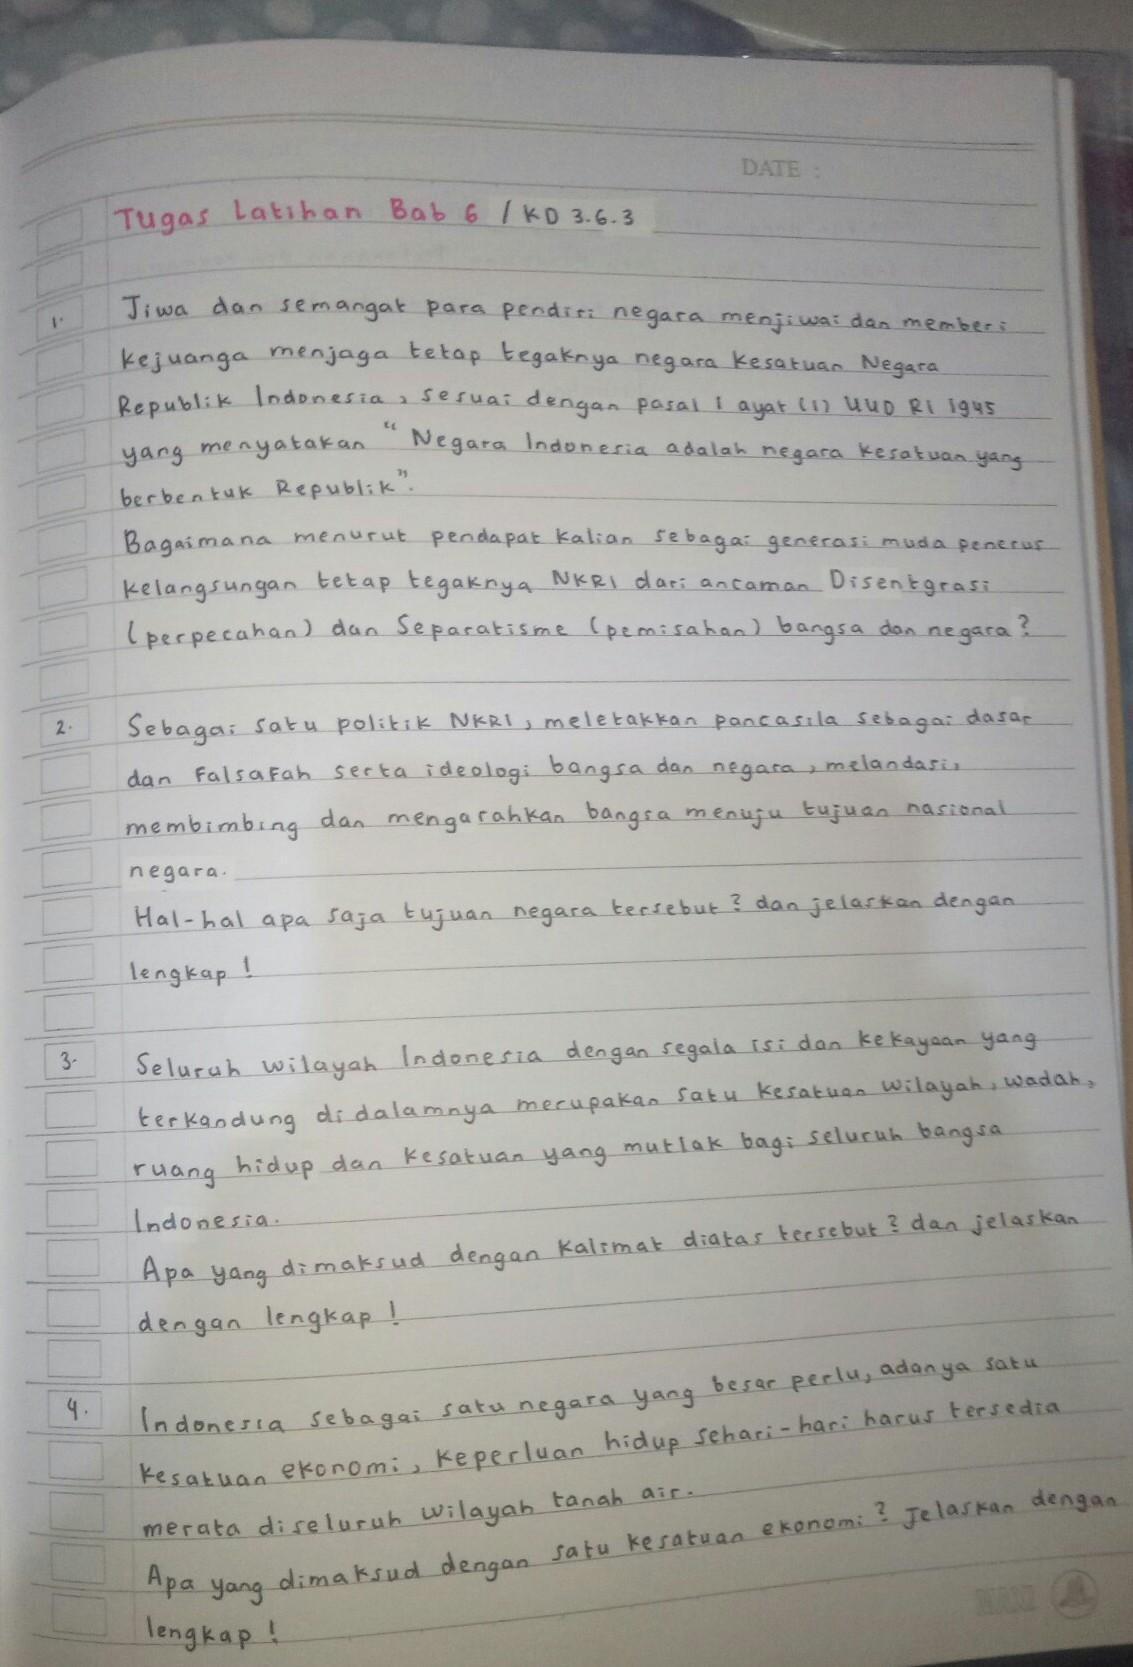 Indonesia Sebagai Satu Kesatuan Politik : indonesia, sebagai, kesatuan, politik, Tolong, Dijawab, Mohon, Bantuannya:), Brainly.co.id